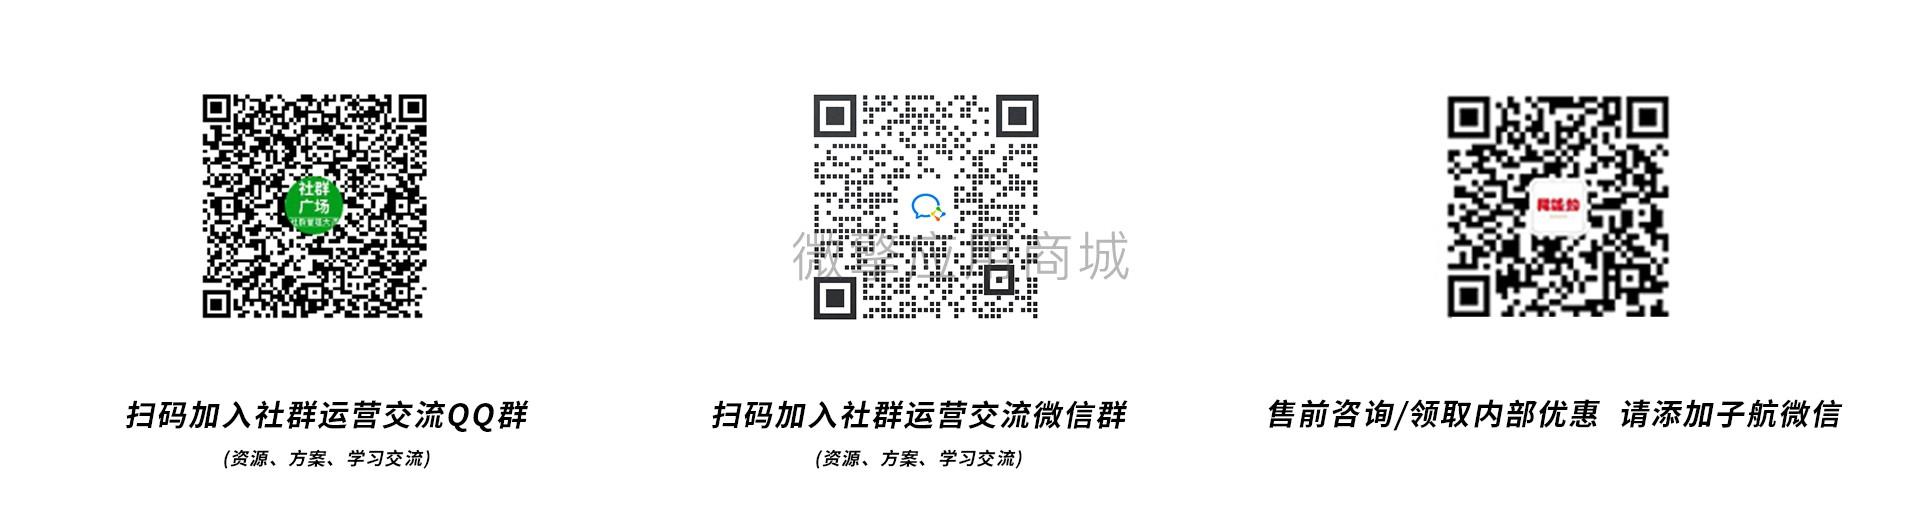 微信01.jpg